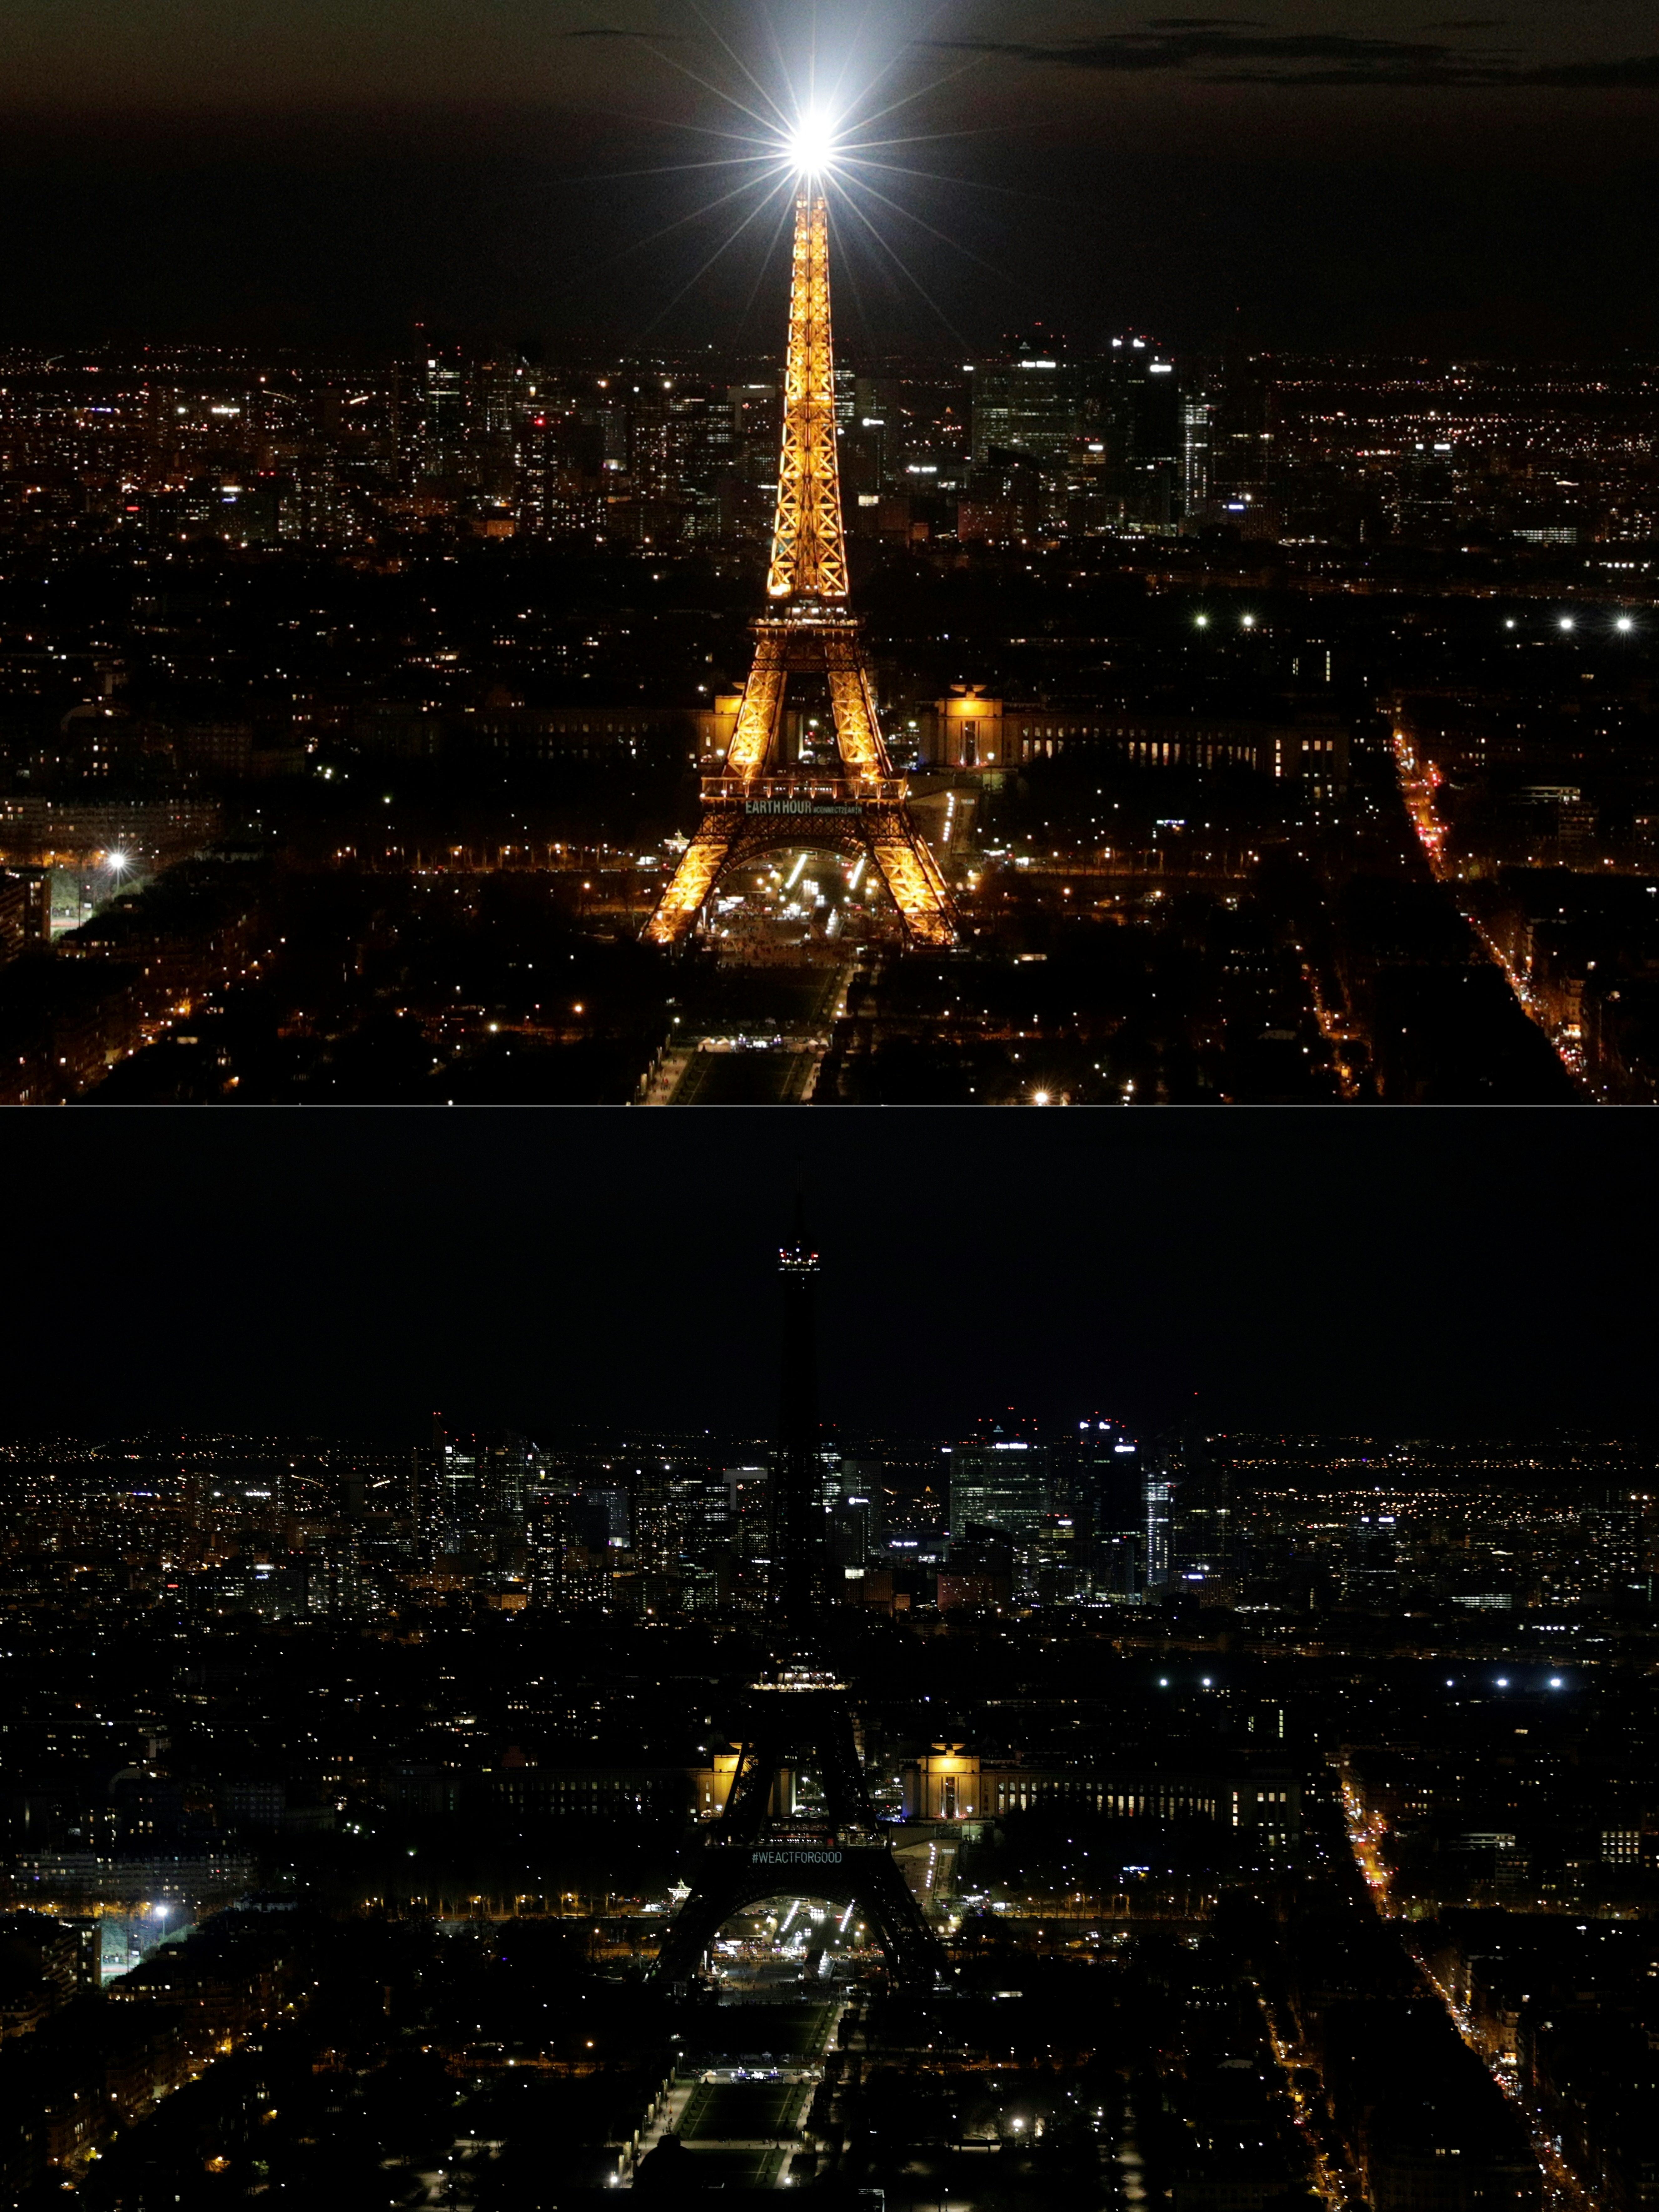 برج إيفل قبل وبعد إطفاء الأنوار خلال ساعة الأرض - 30 أذار/مارس 2019